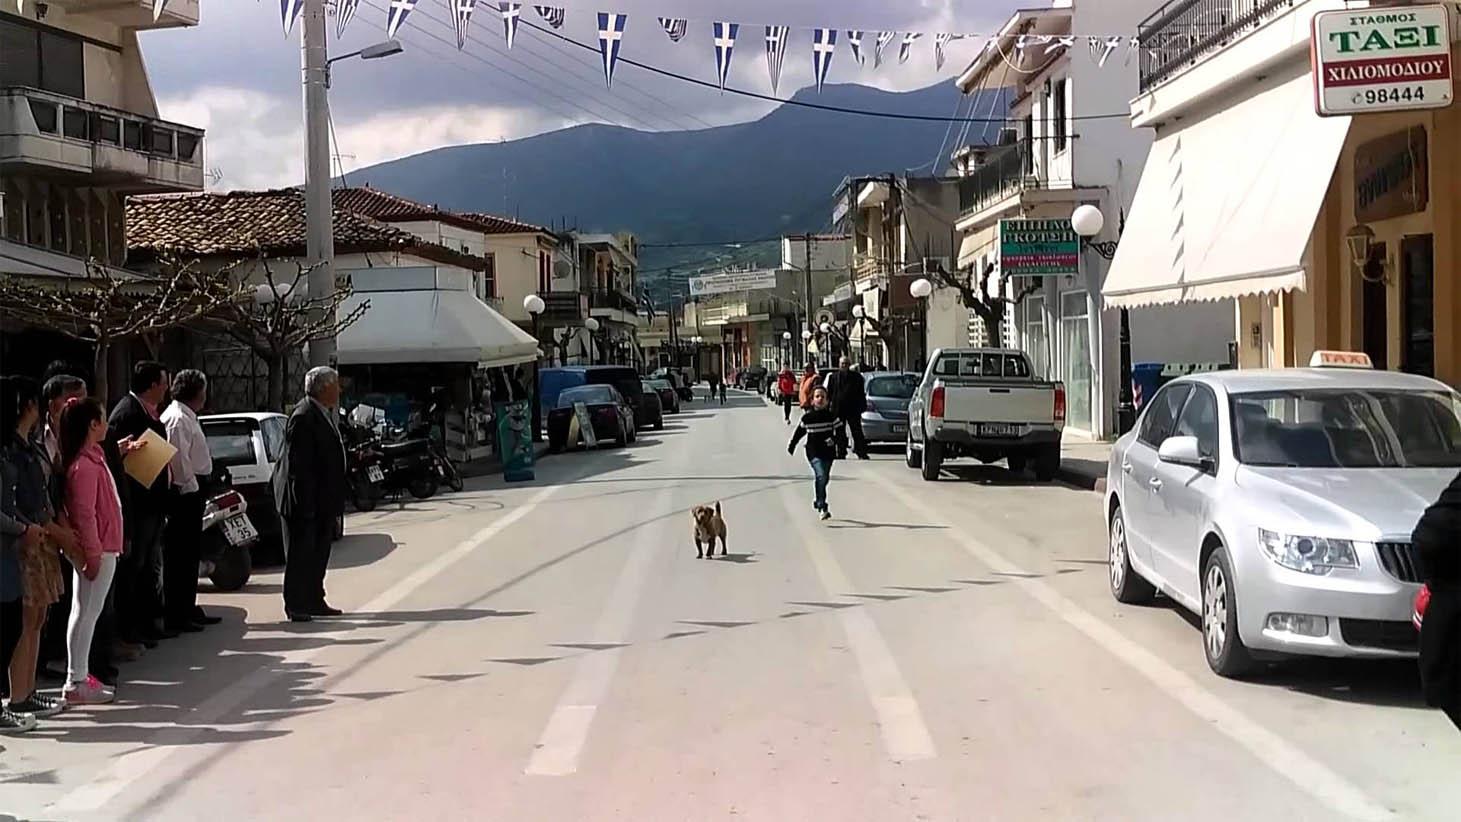 Chiliomodi (Greece)